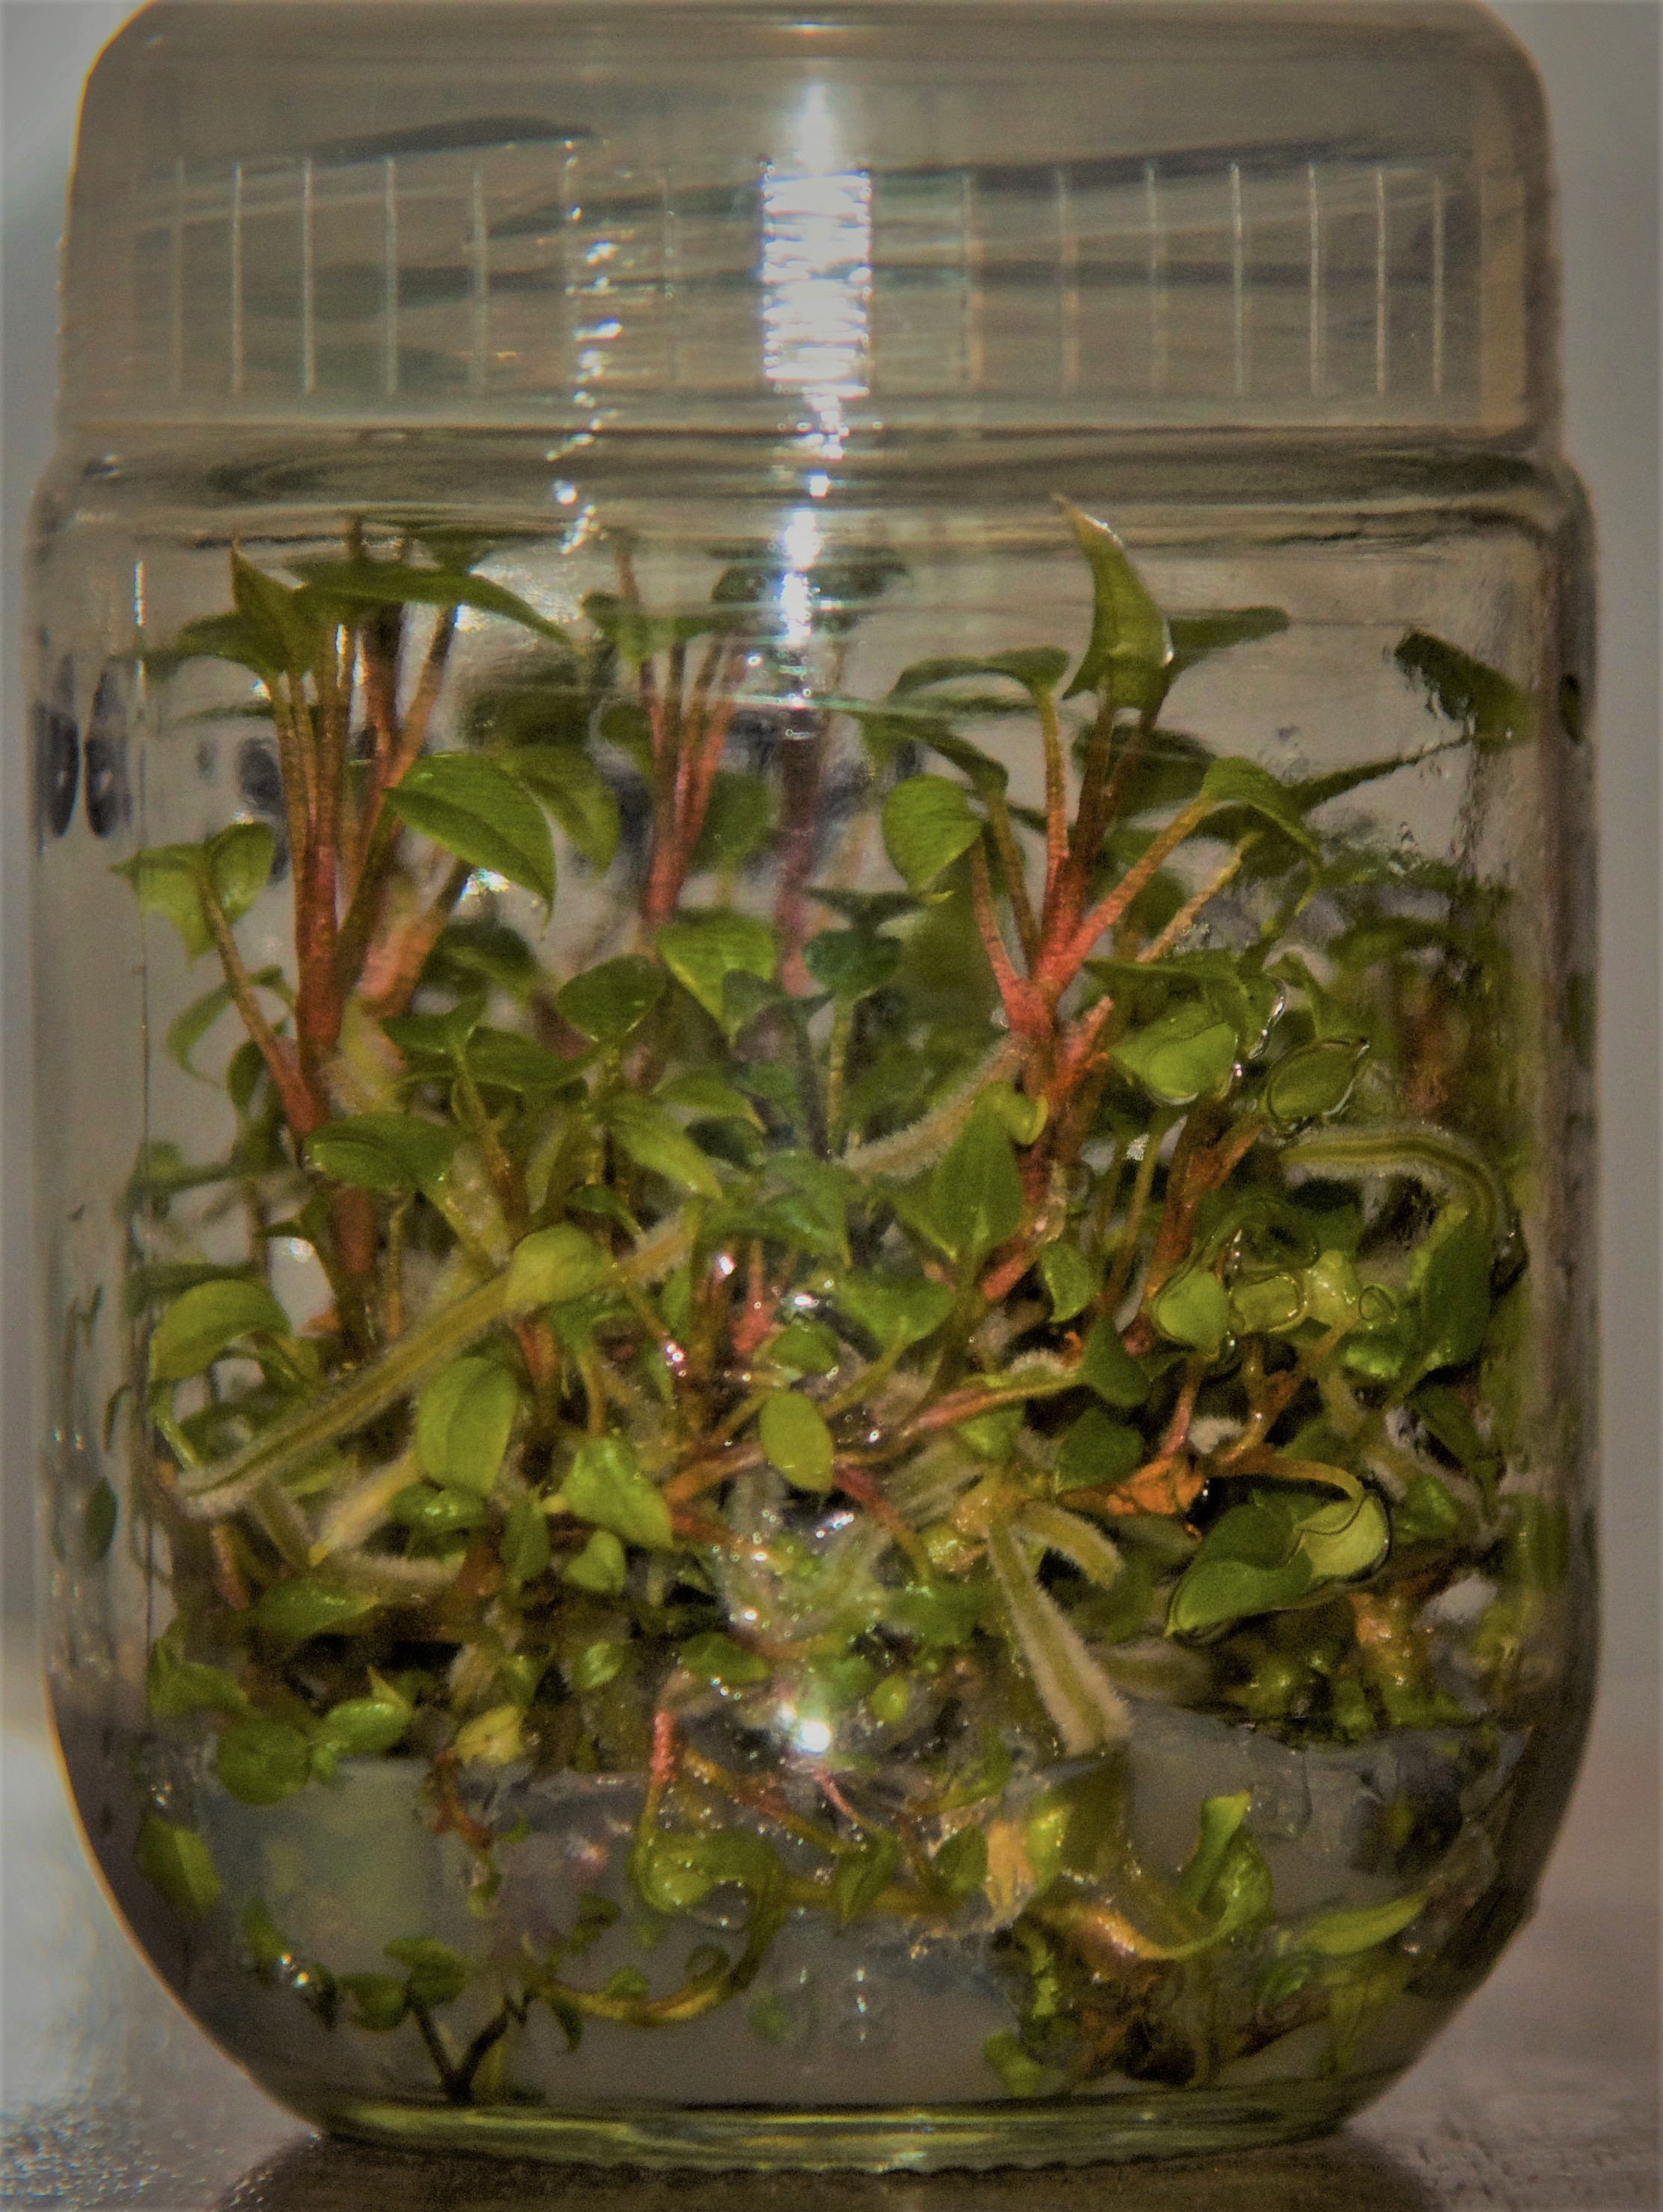 Anthurium tissue culture